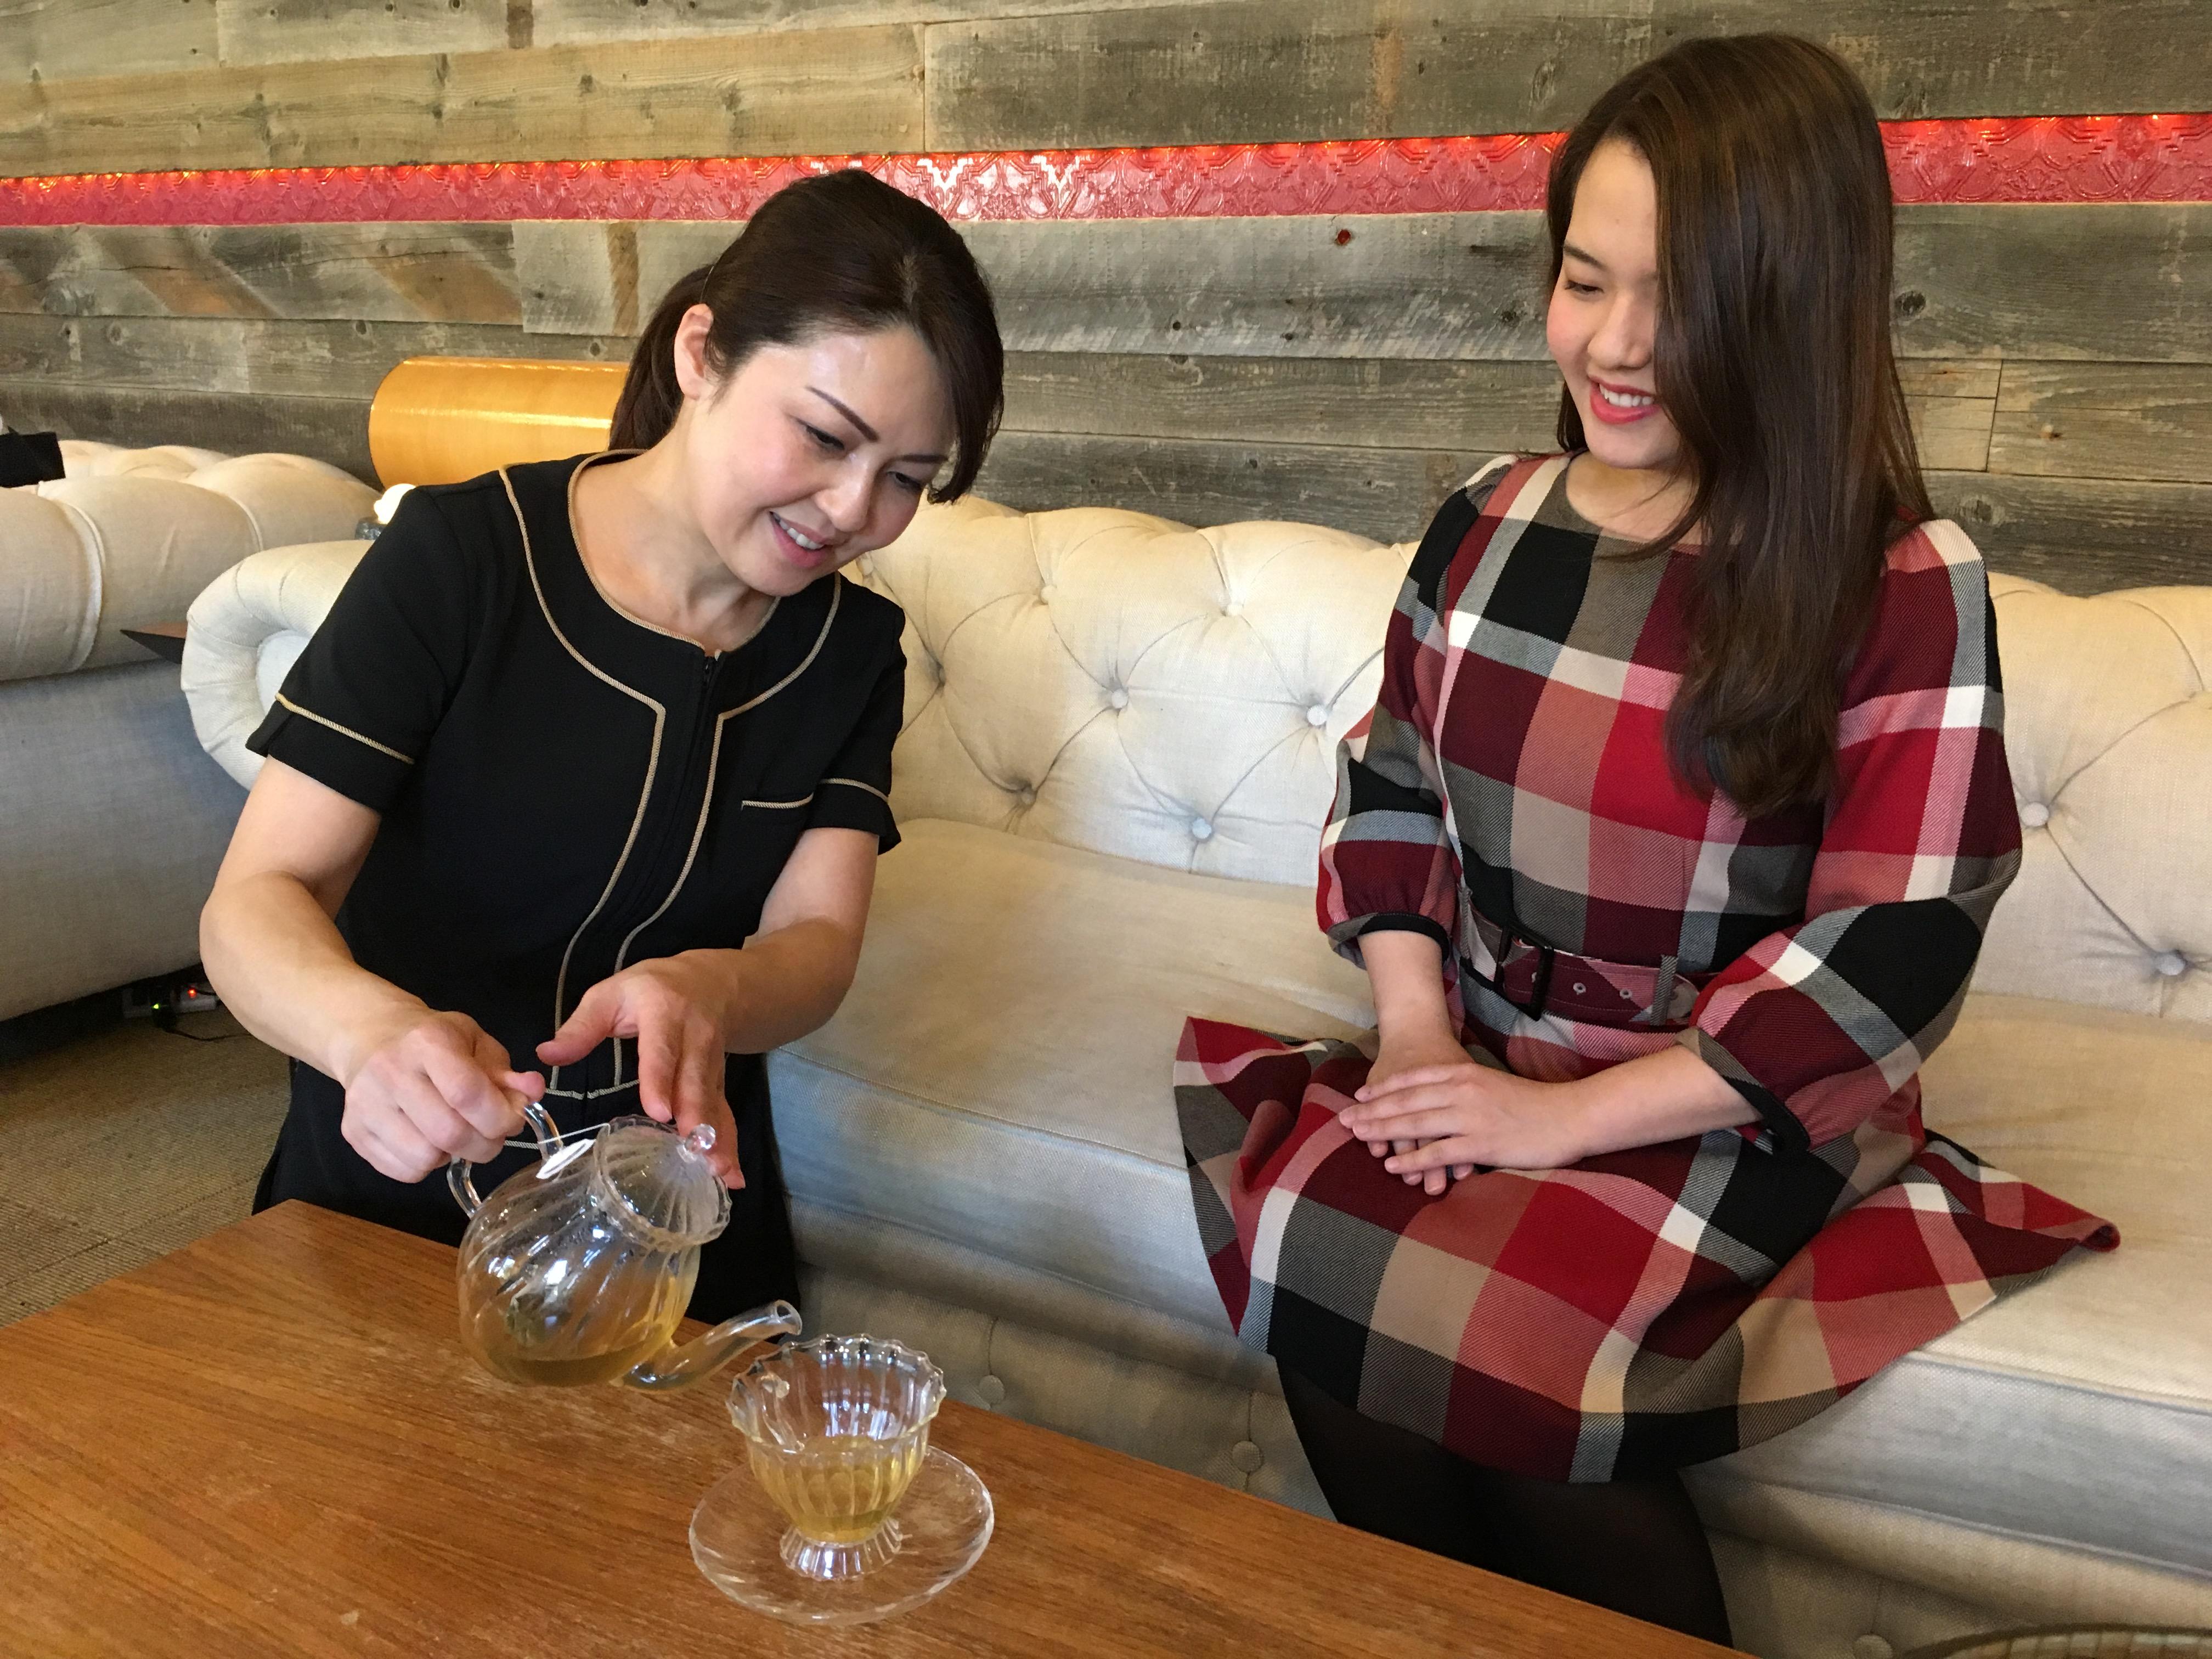 レンタルサロン グラマラスエイチ麻布広尾がこだわるハーブティーのラインナップに最高品質のオーガニック成分を取り入れた『Yogi tea』を追加しました。